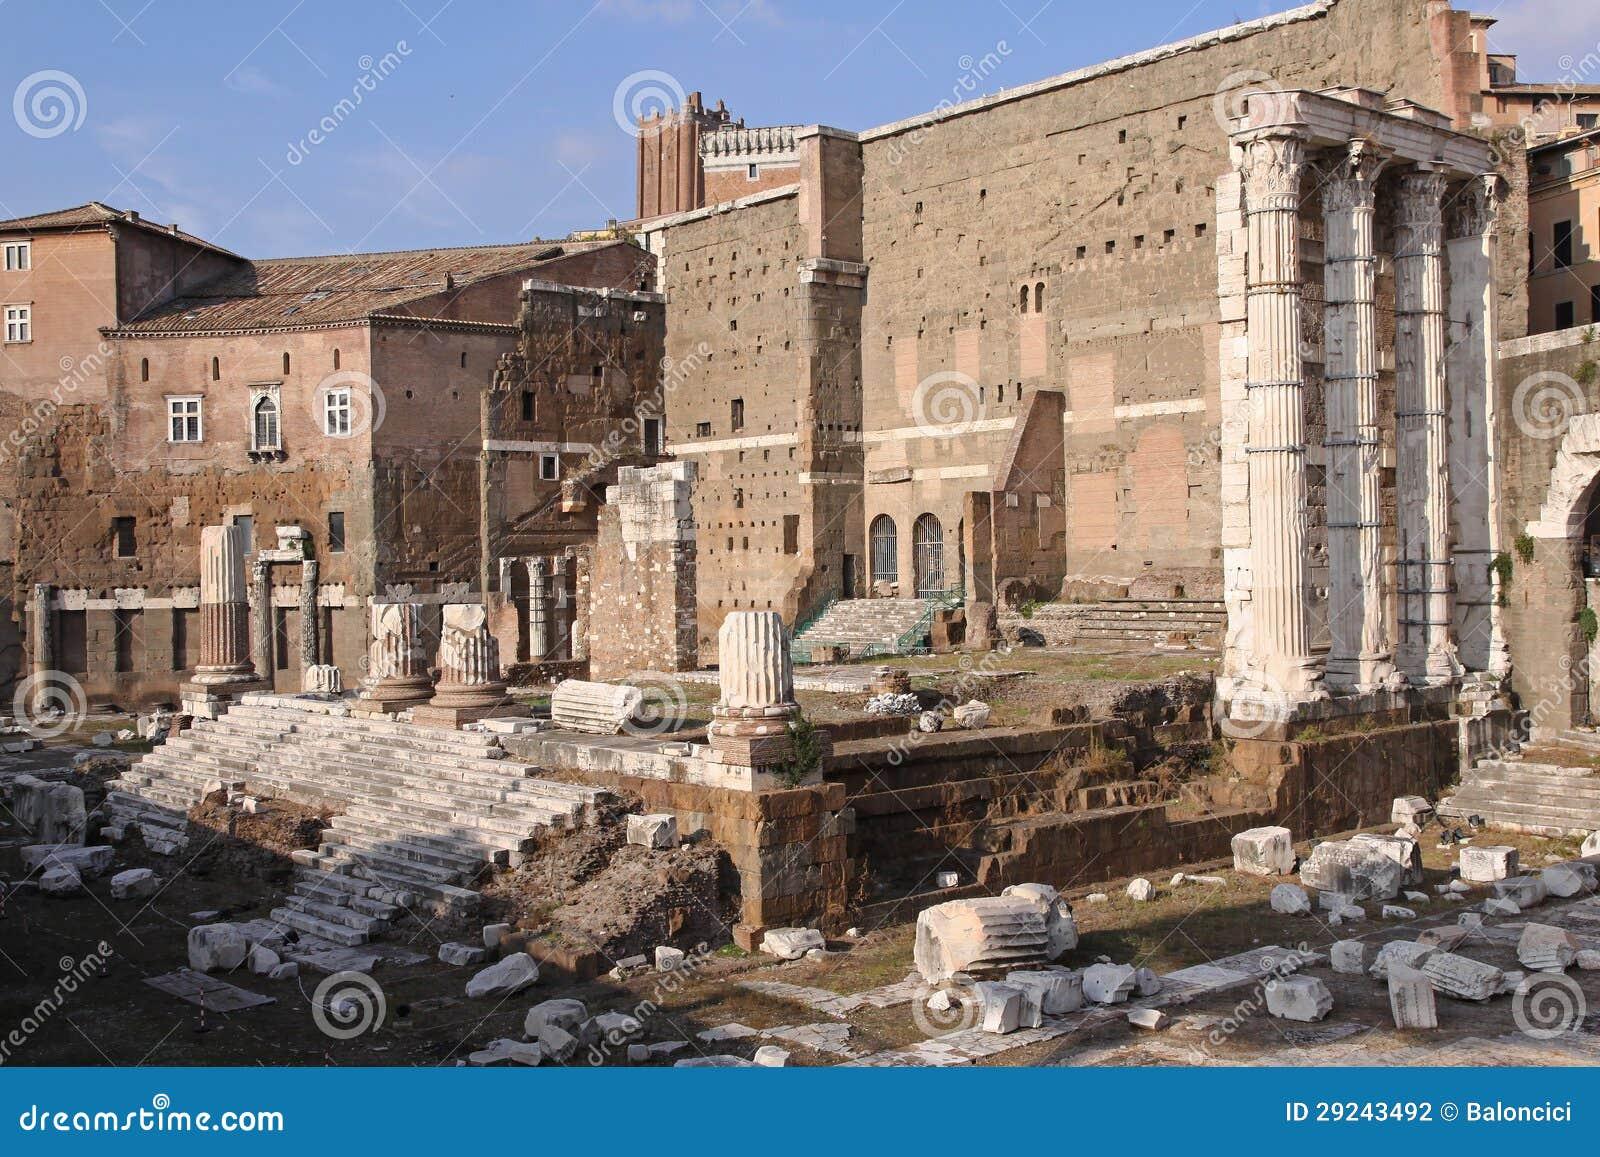 Download Ruínas romanas foto de stock. Imagem de ruínas, velho - 29243492